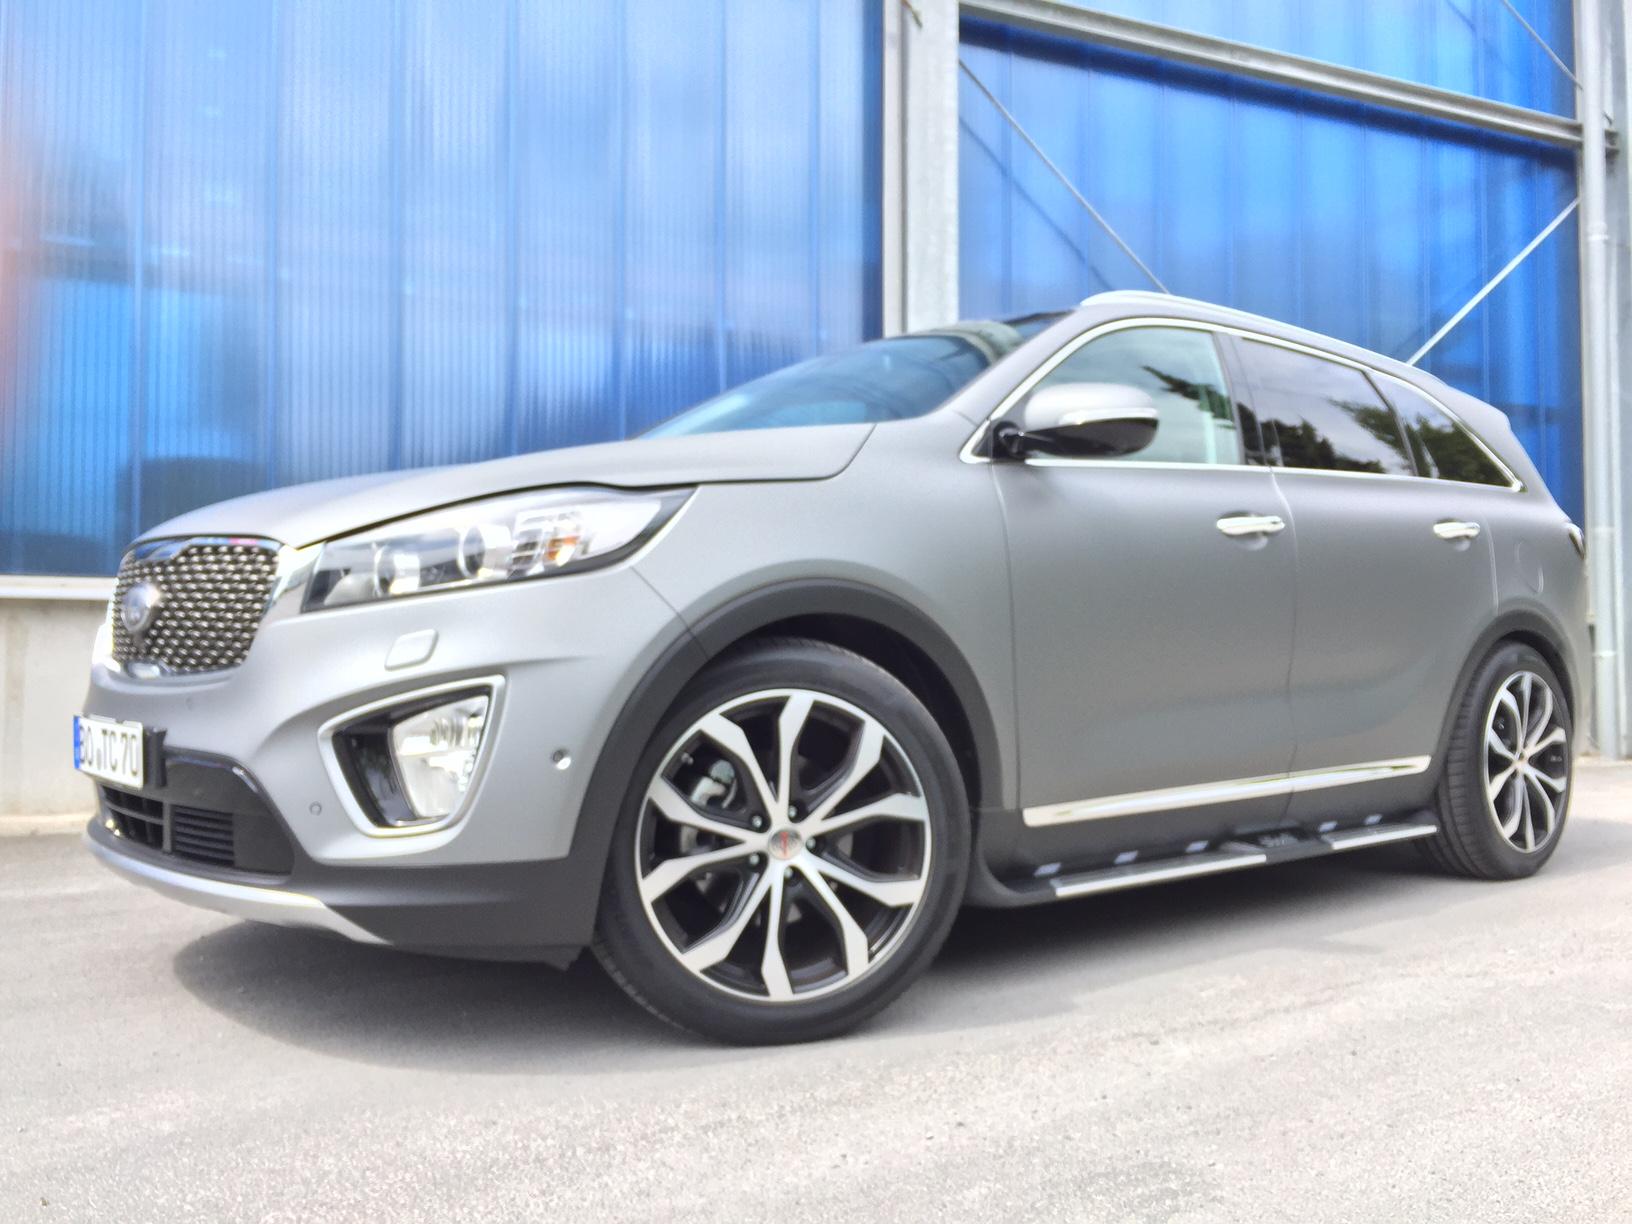 Komplettradsatz Hyundai Santa Fe DM Big-Line schwarz poliert